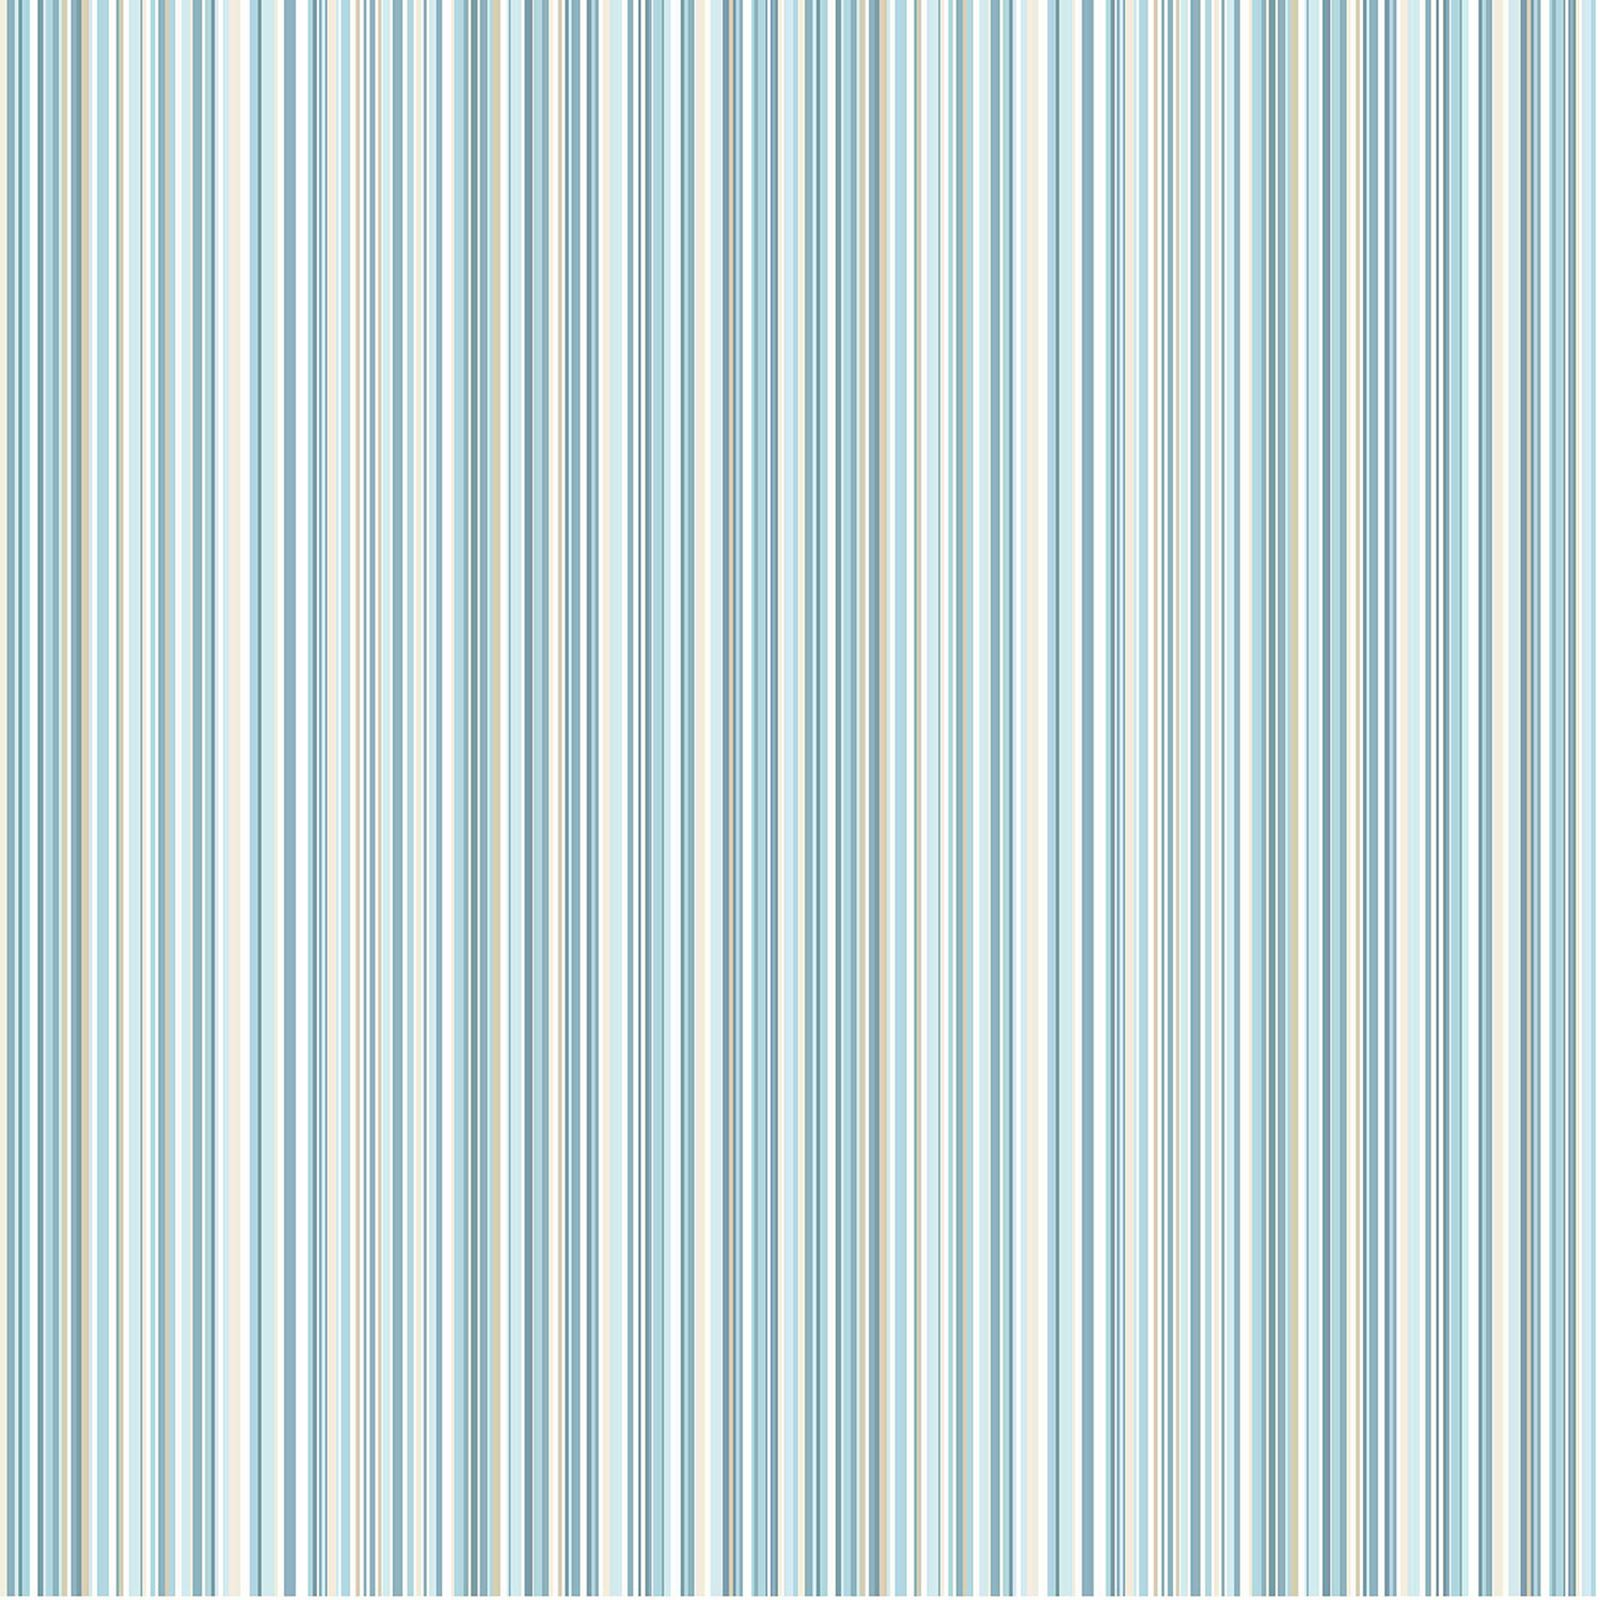 Martez streifen tapete blau farbig m0799 neu ebay for Tapete nach hause